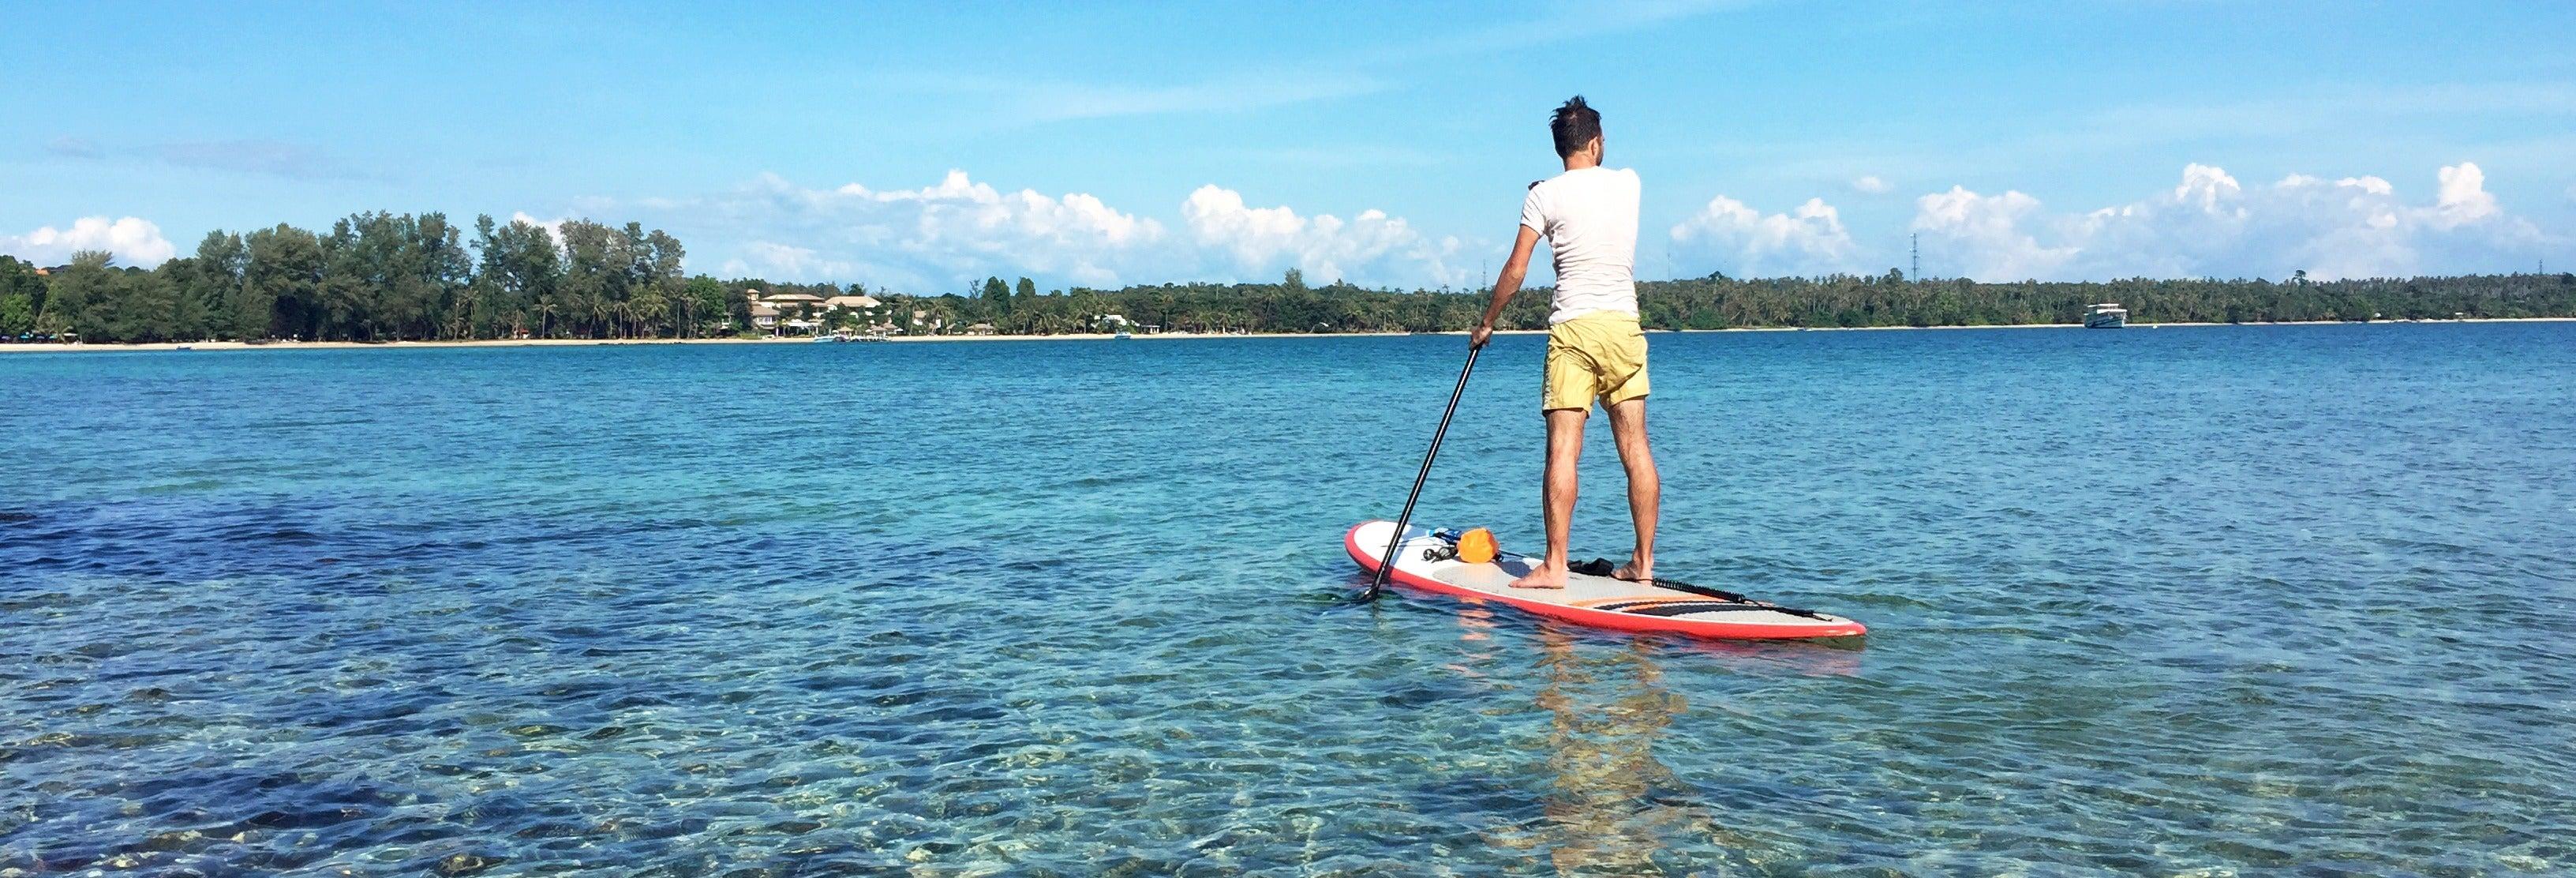 Tour de paddle surf por Double Island Point